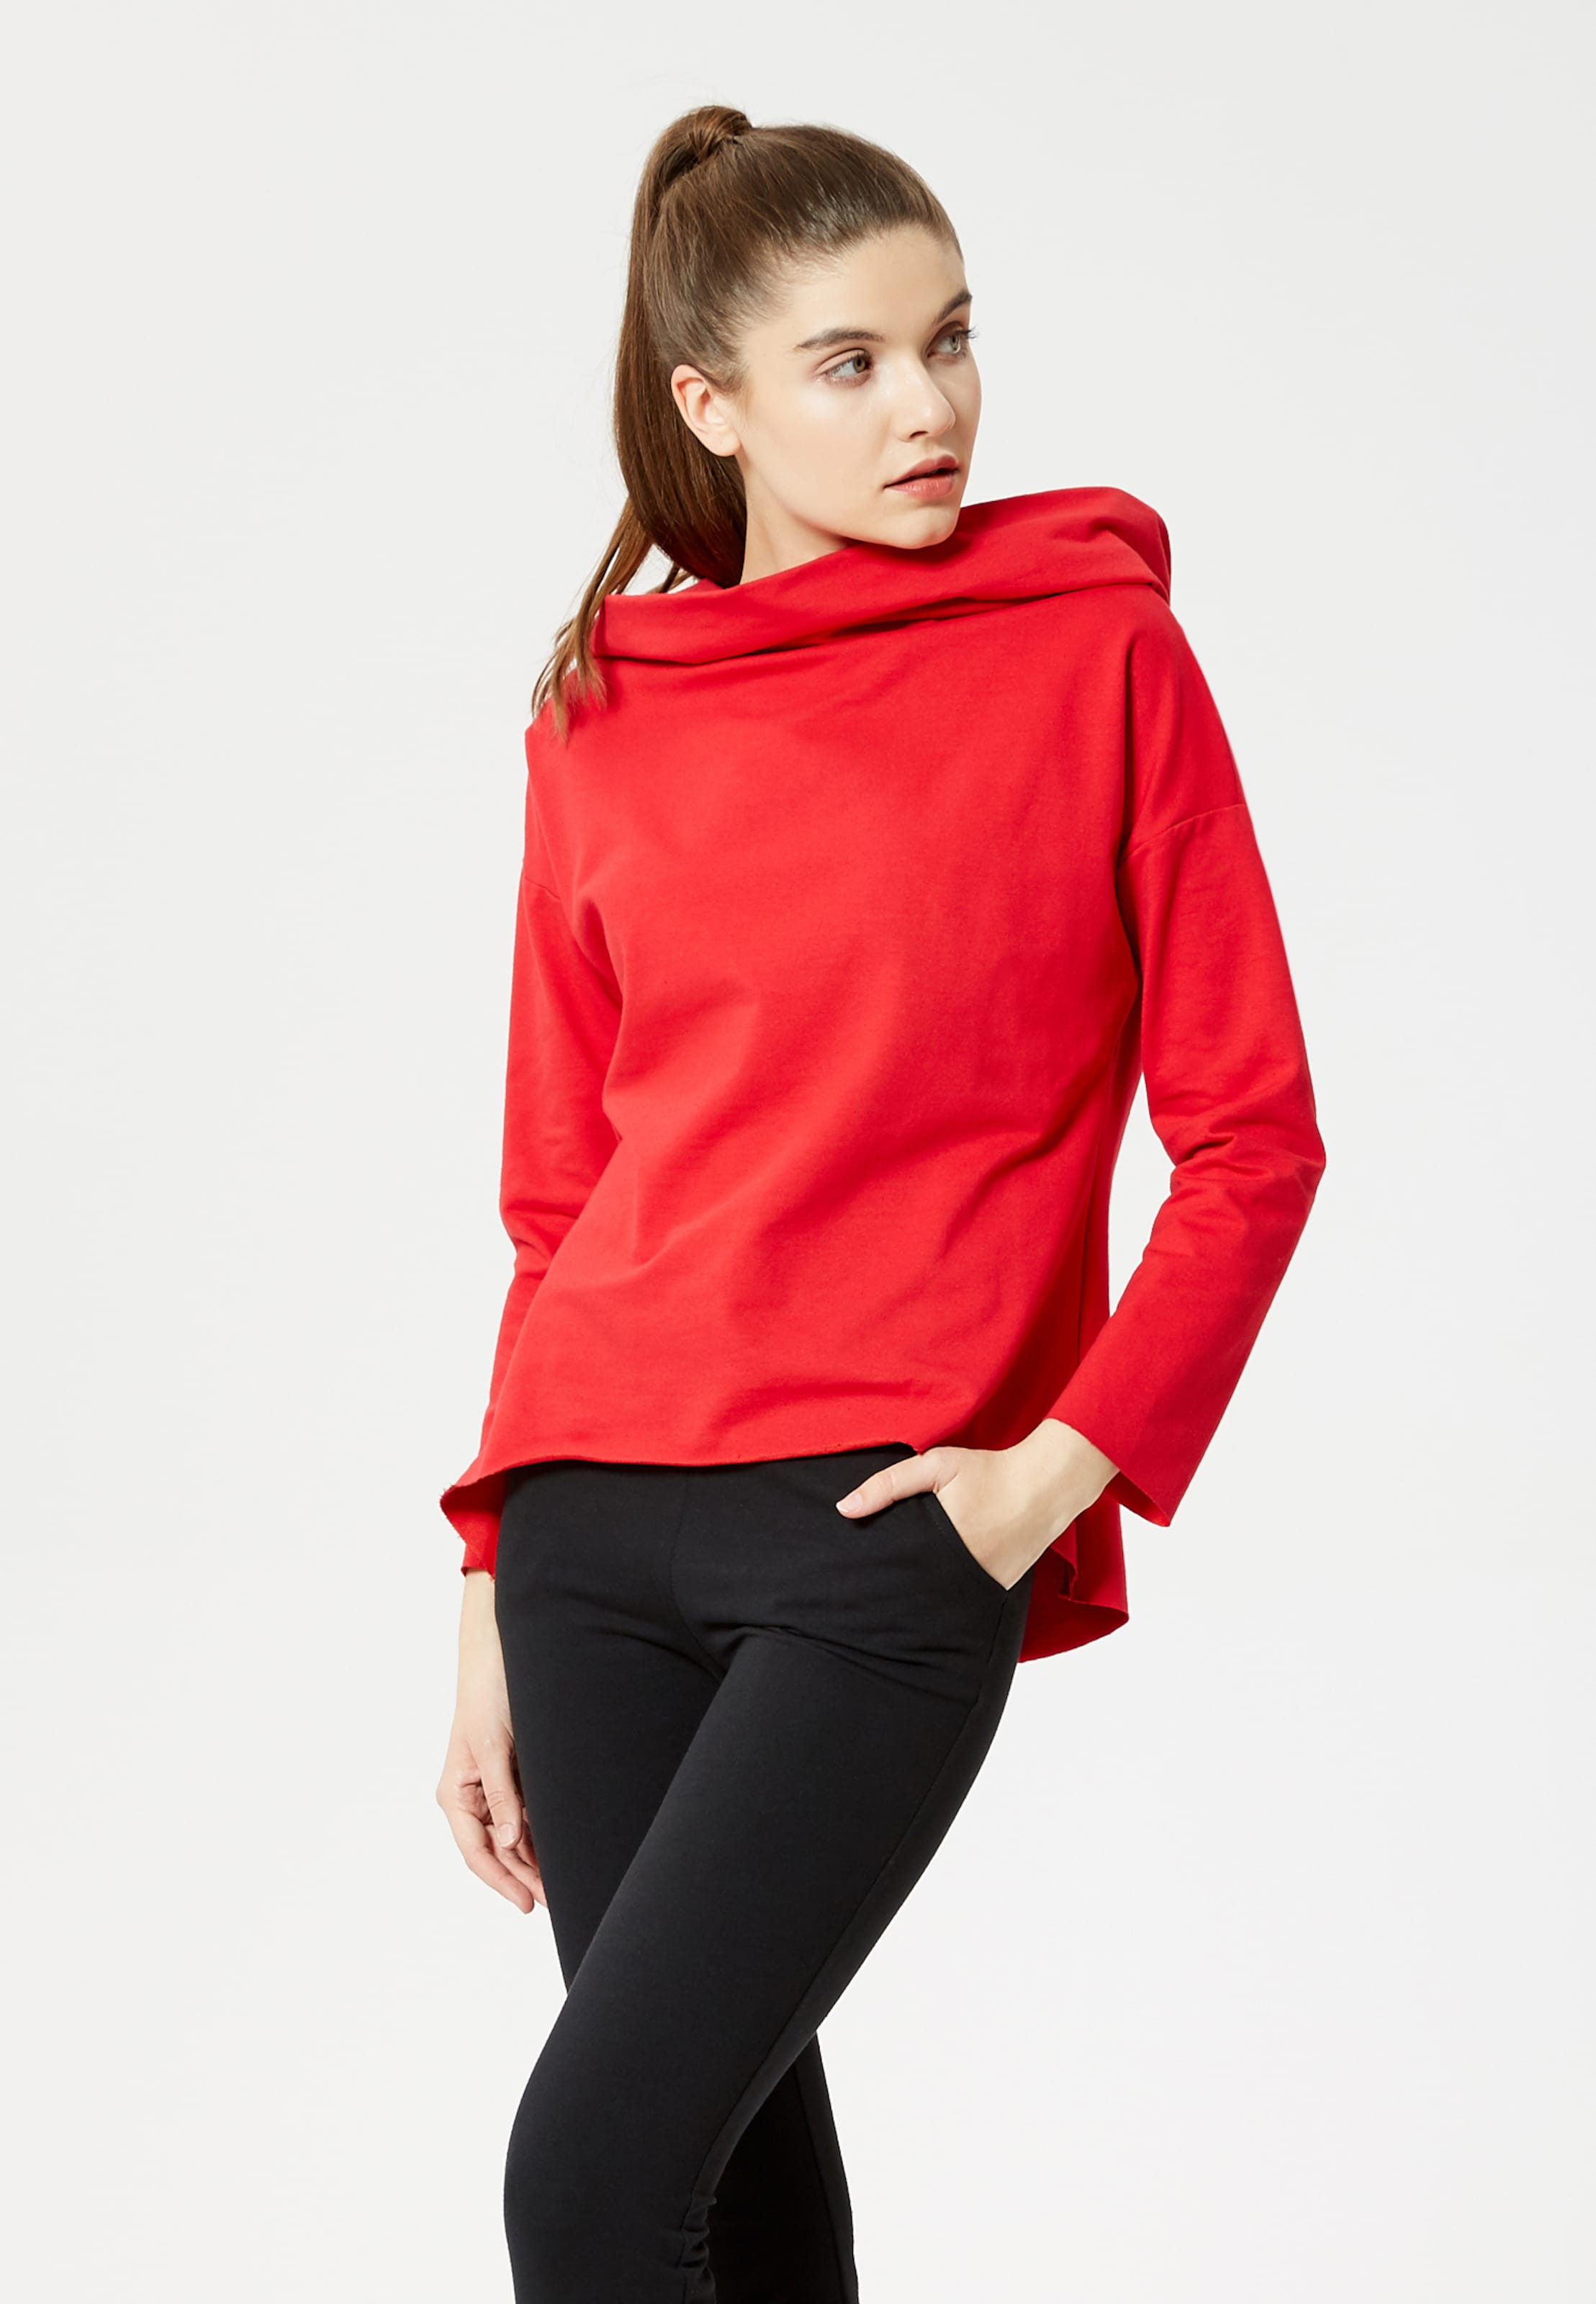 Rot Rot Sweater Sweater In Talence Talence In Talence vmN8n0w